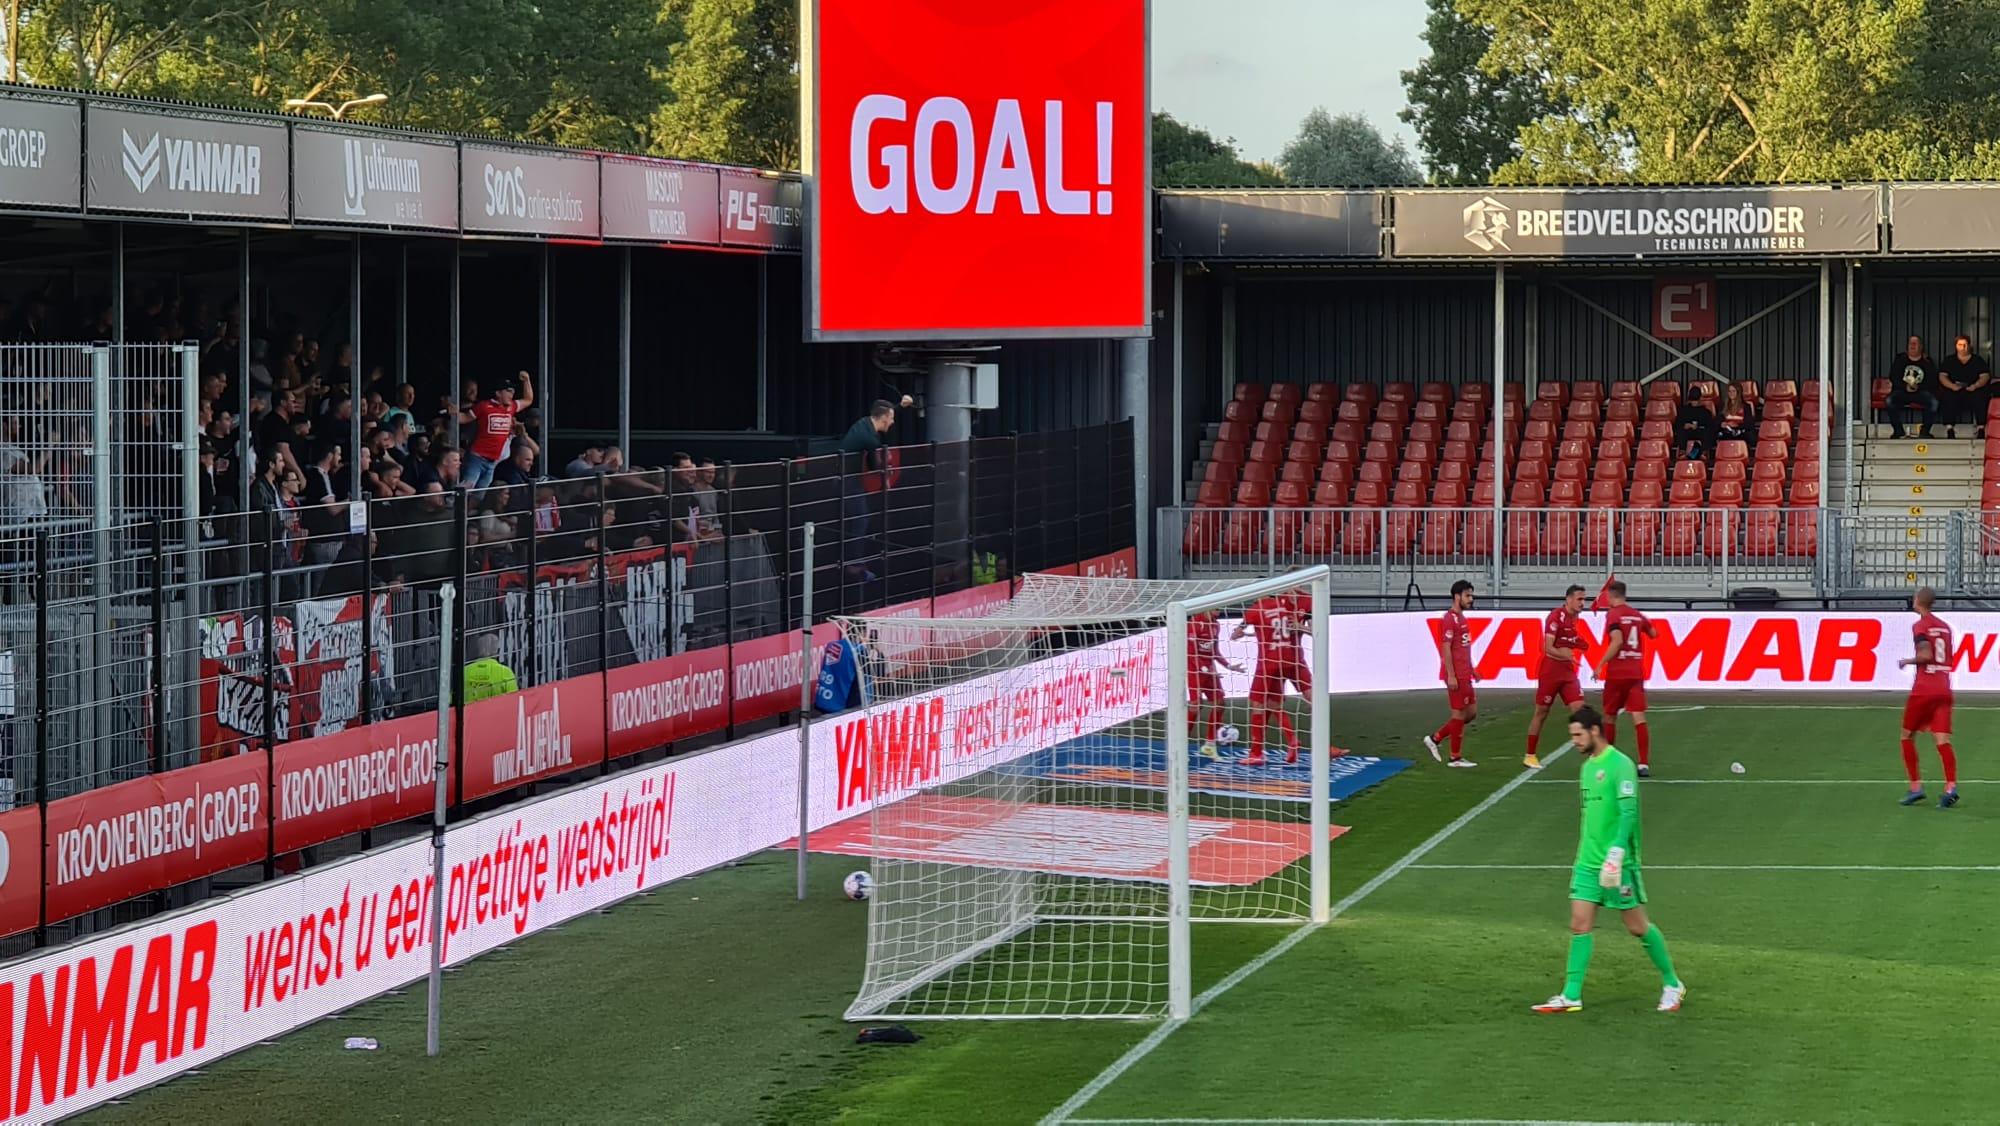 City laat Overwinning op Jong FC Utrecht in de laatste minuten glippen